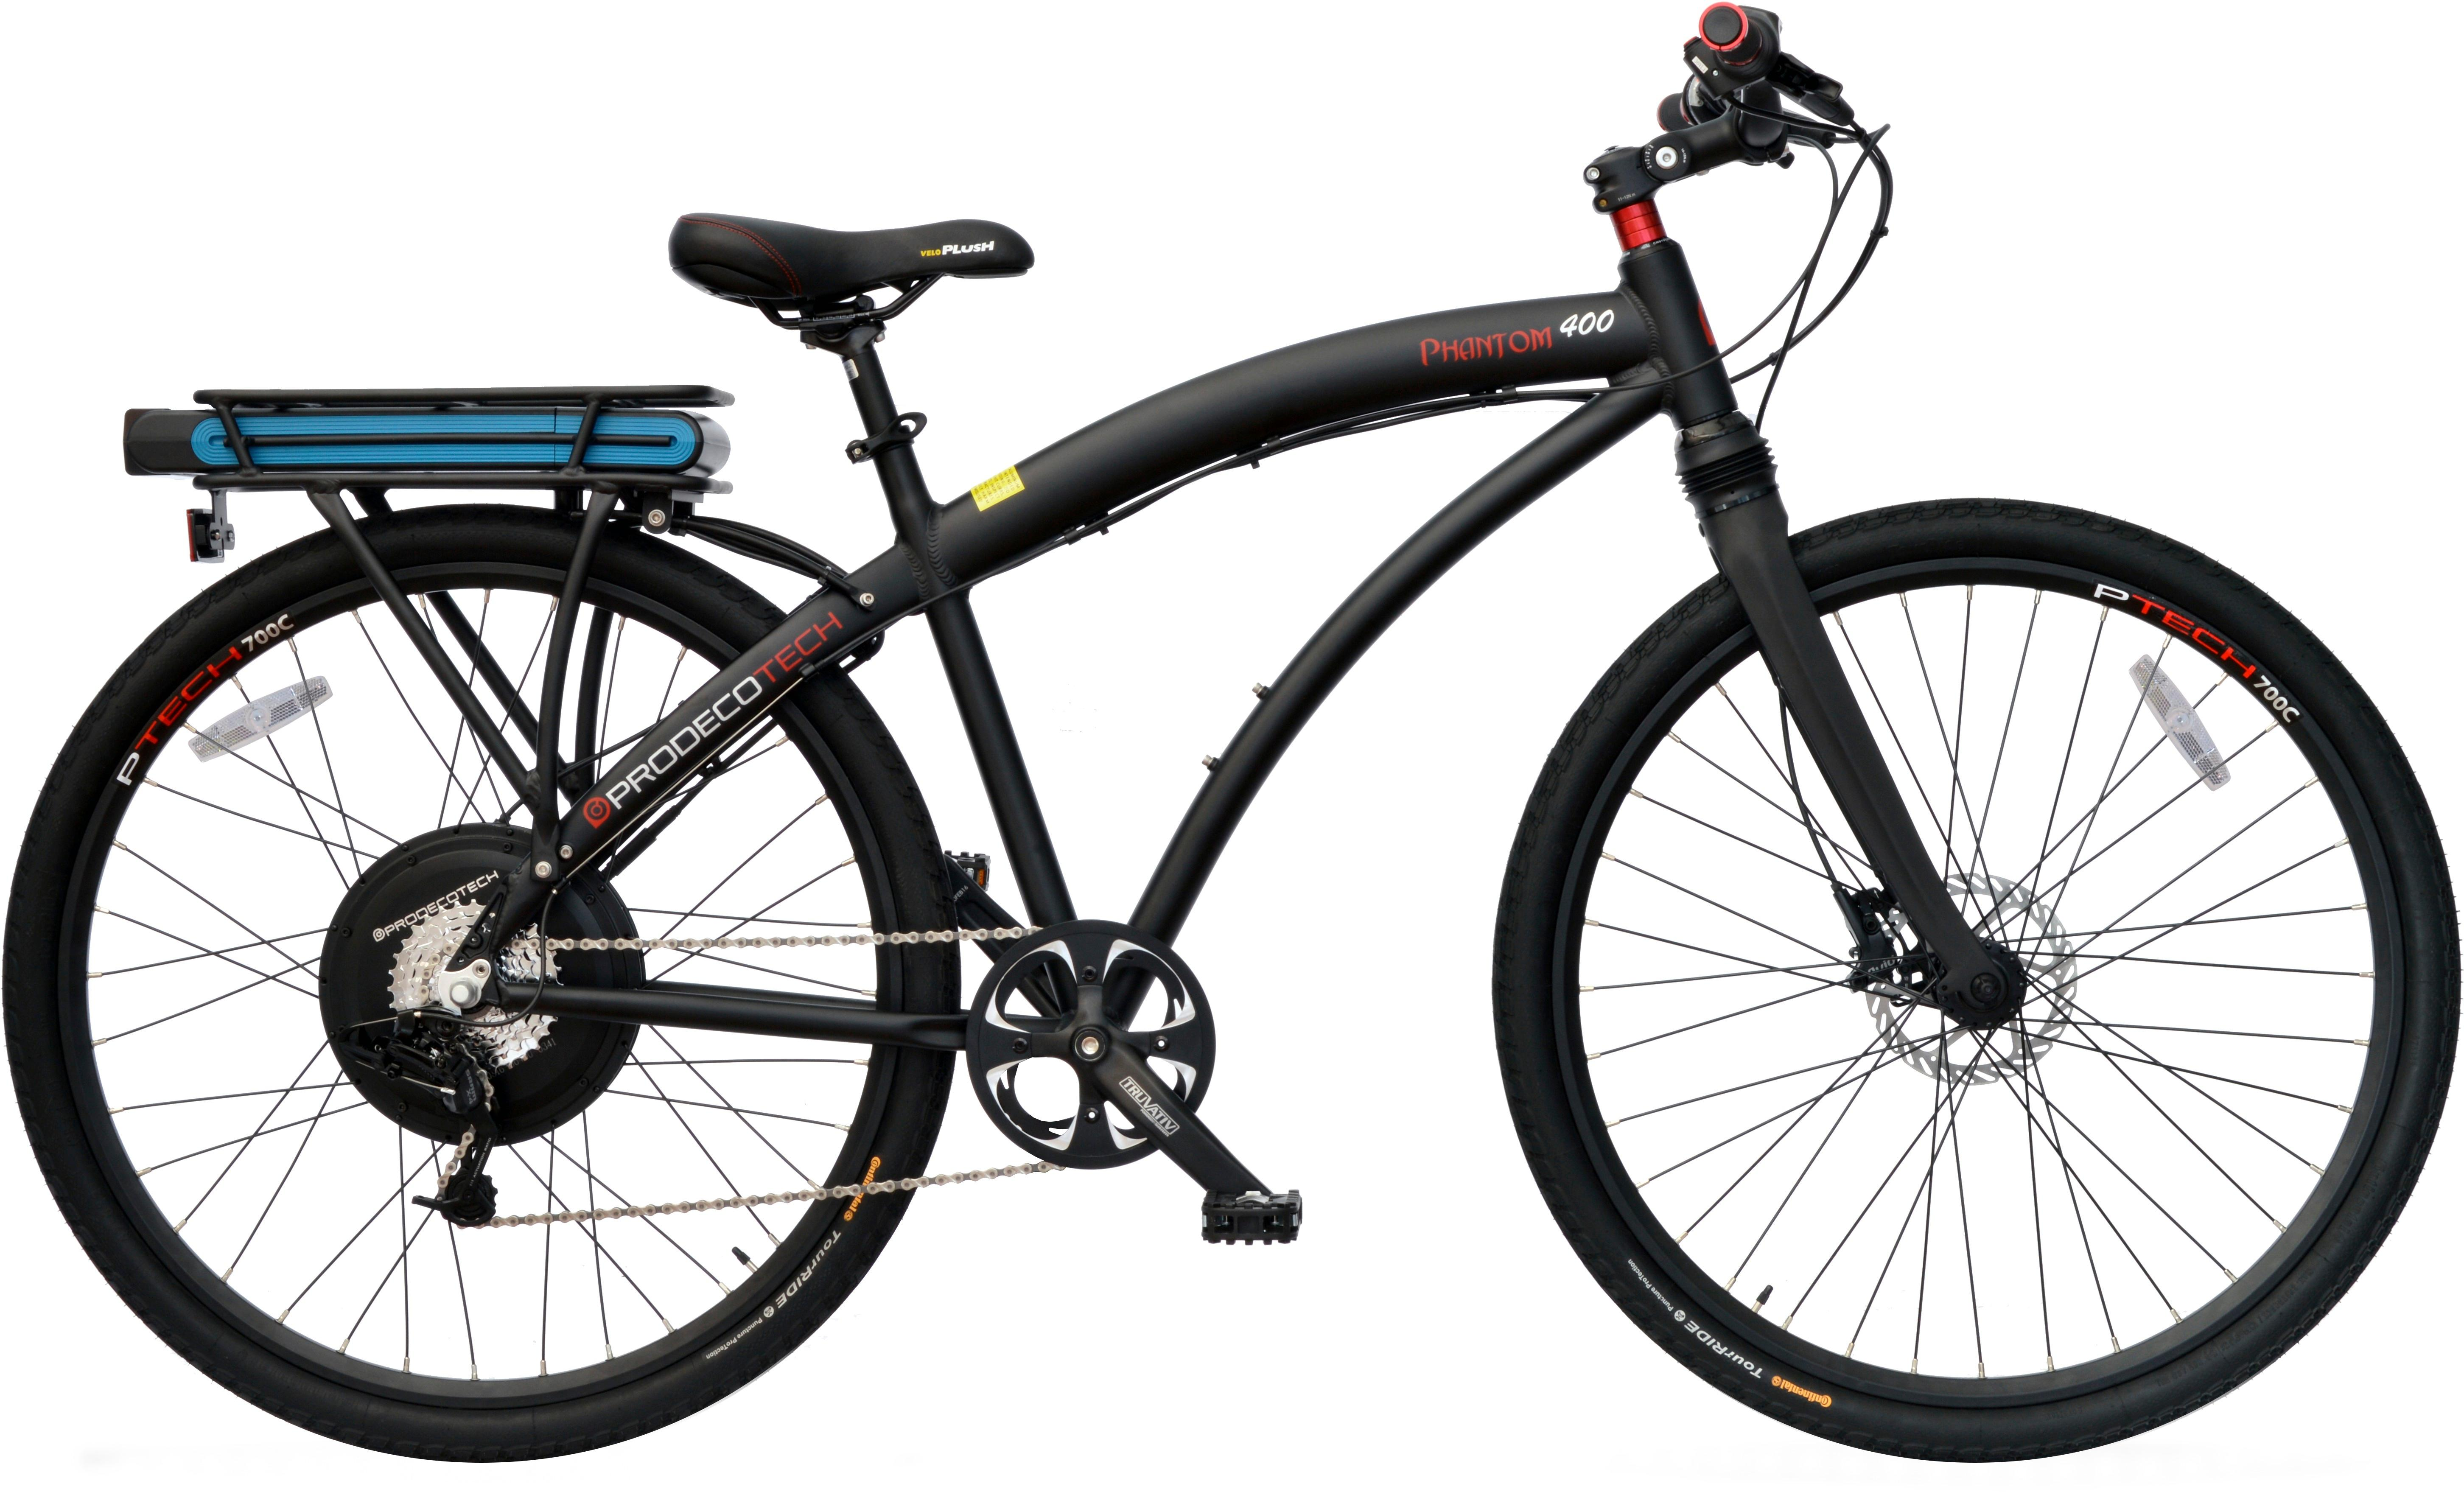 Prodecotech Phantom 400 Monoshock Electric Bike Matte